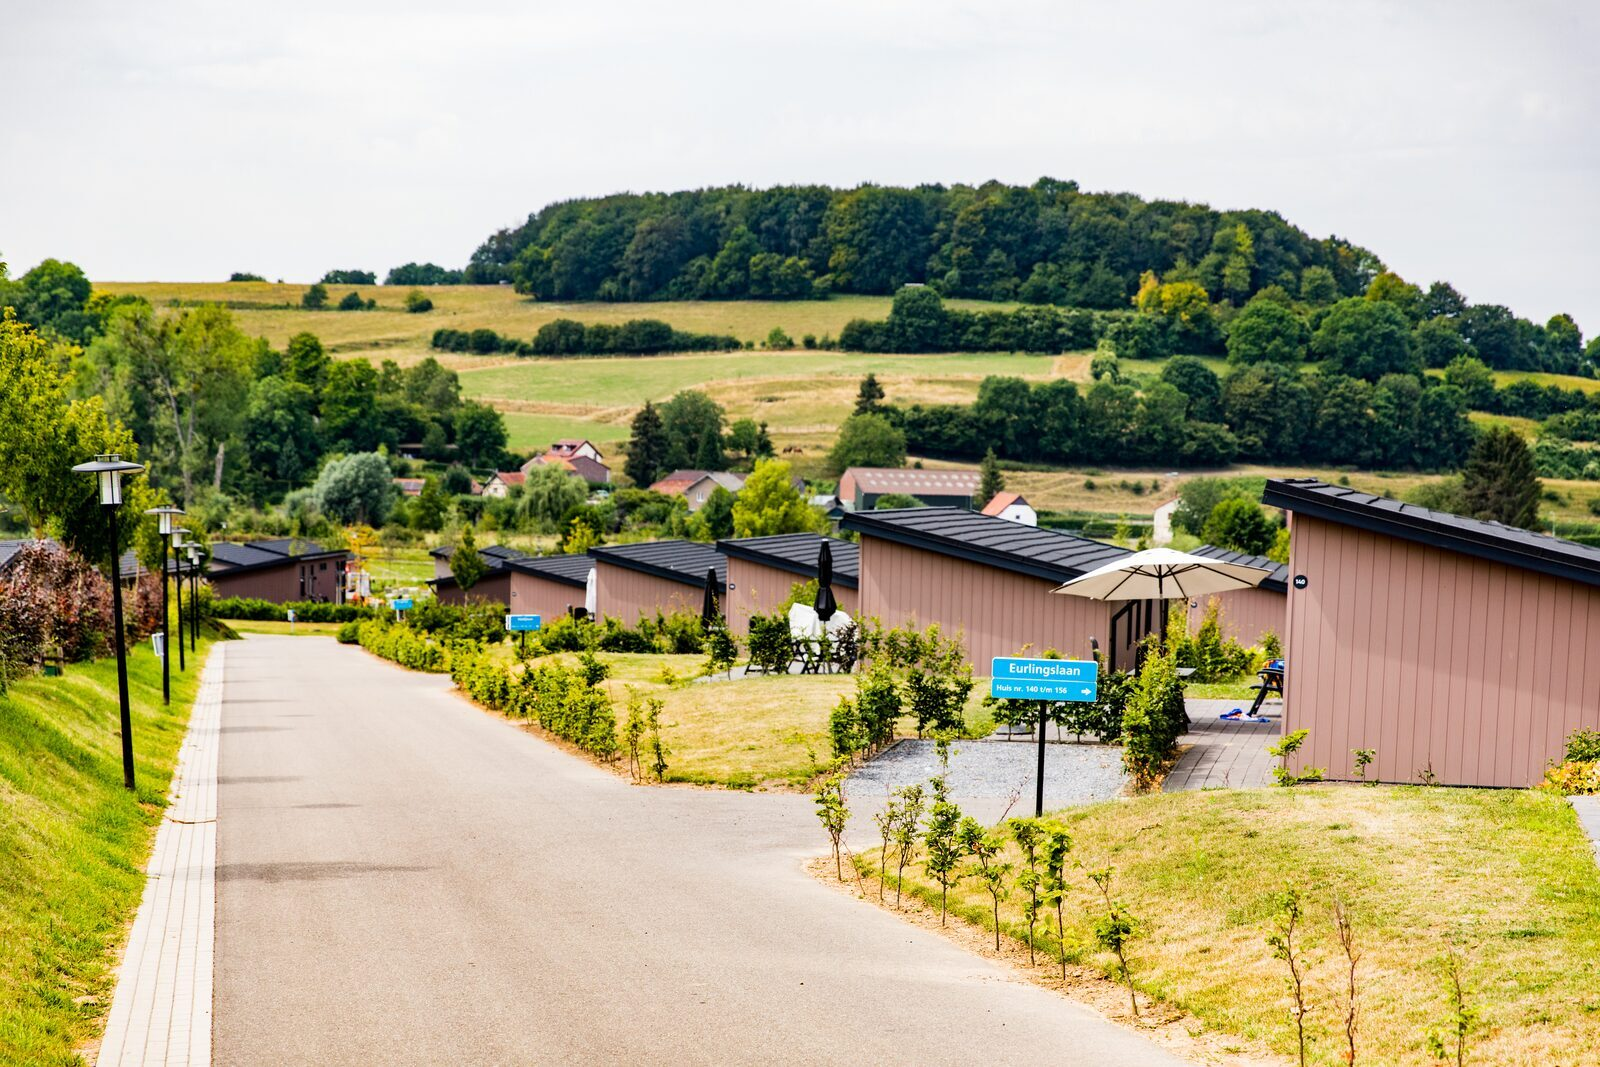 Parc de vacances dans le Limbourg méridional